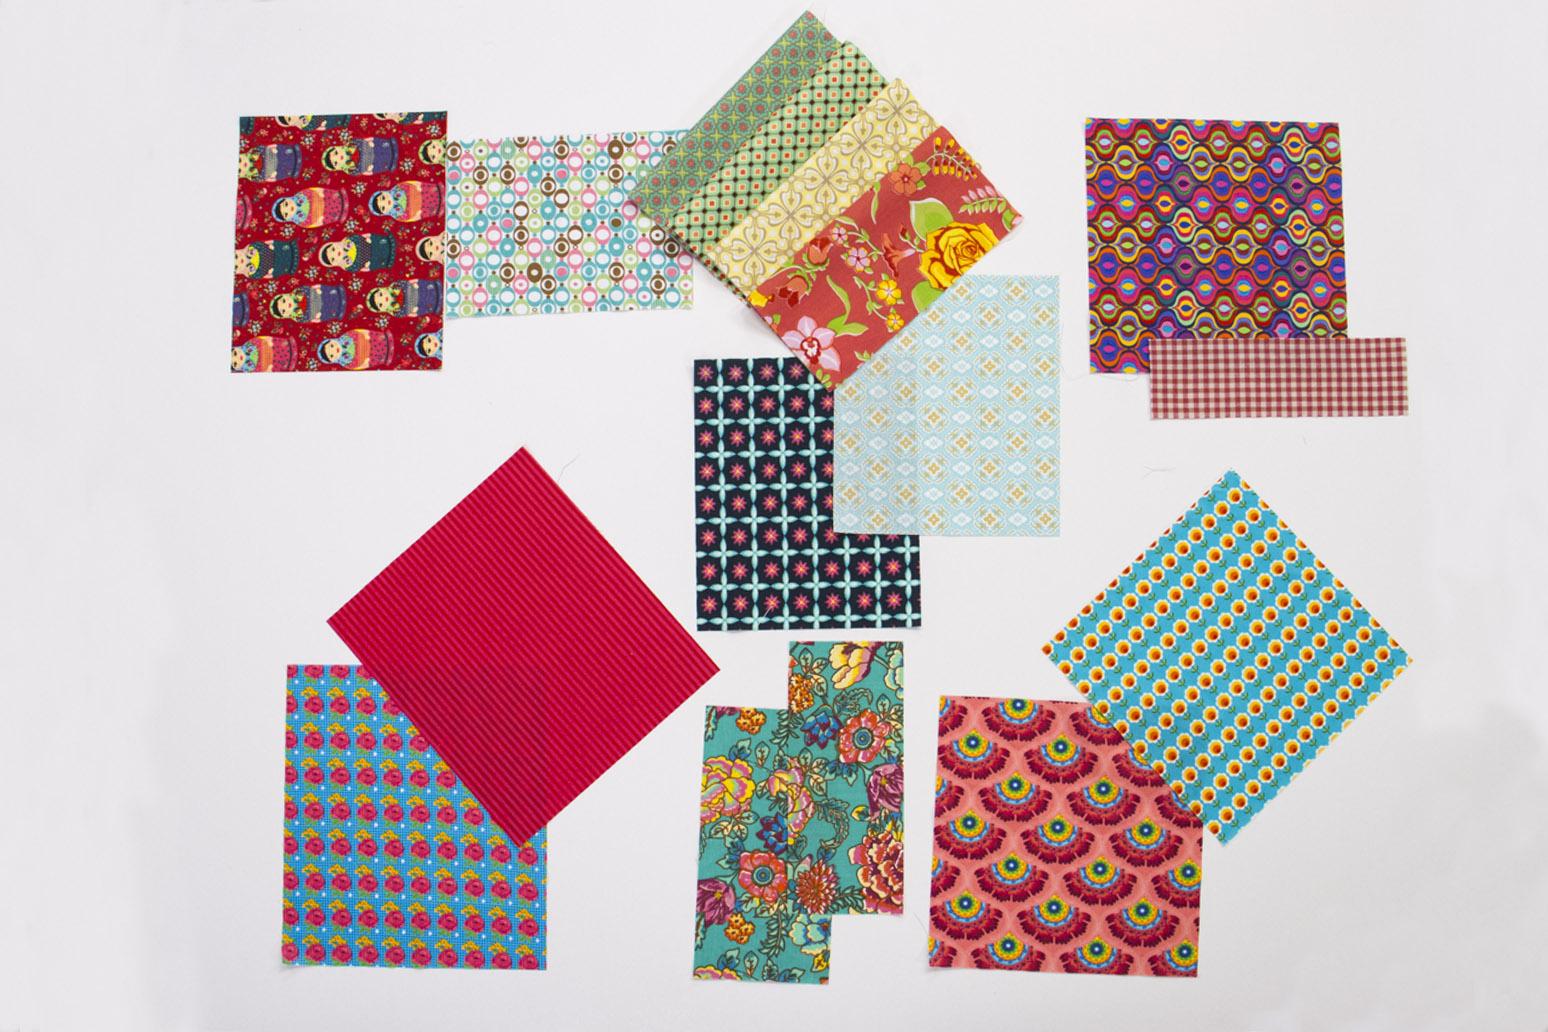 combinação de cores, diversos retalhos de tecidos estampados que combinam